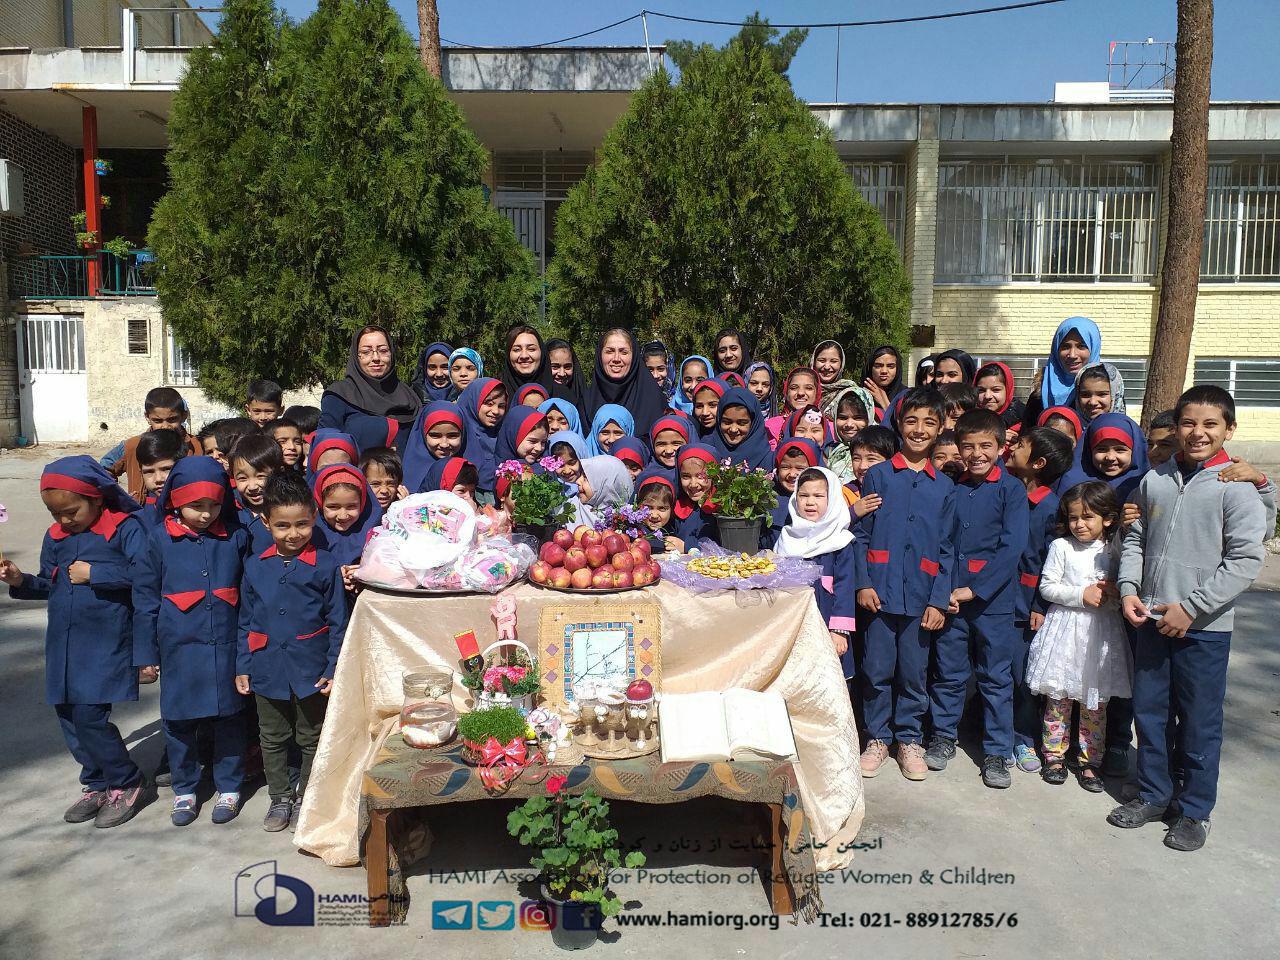 به سوی ایستگاه اول بهار؛ جشن عیدانه مرکز حامی سمنان